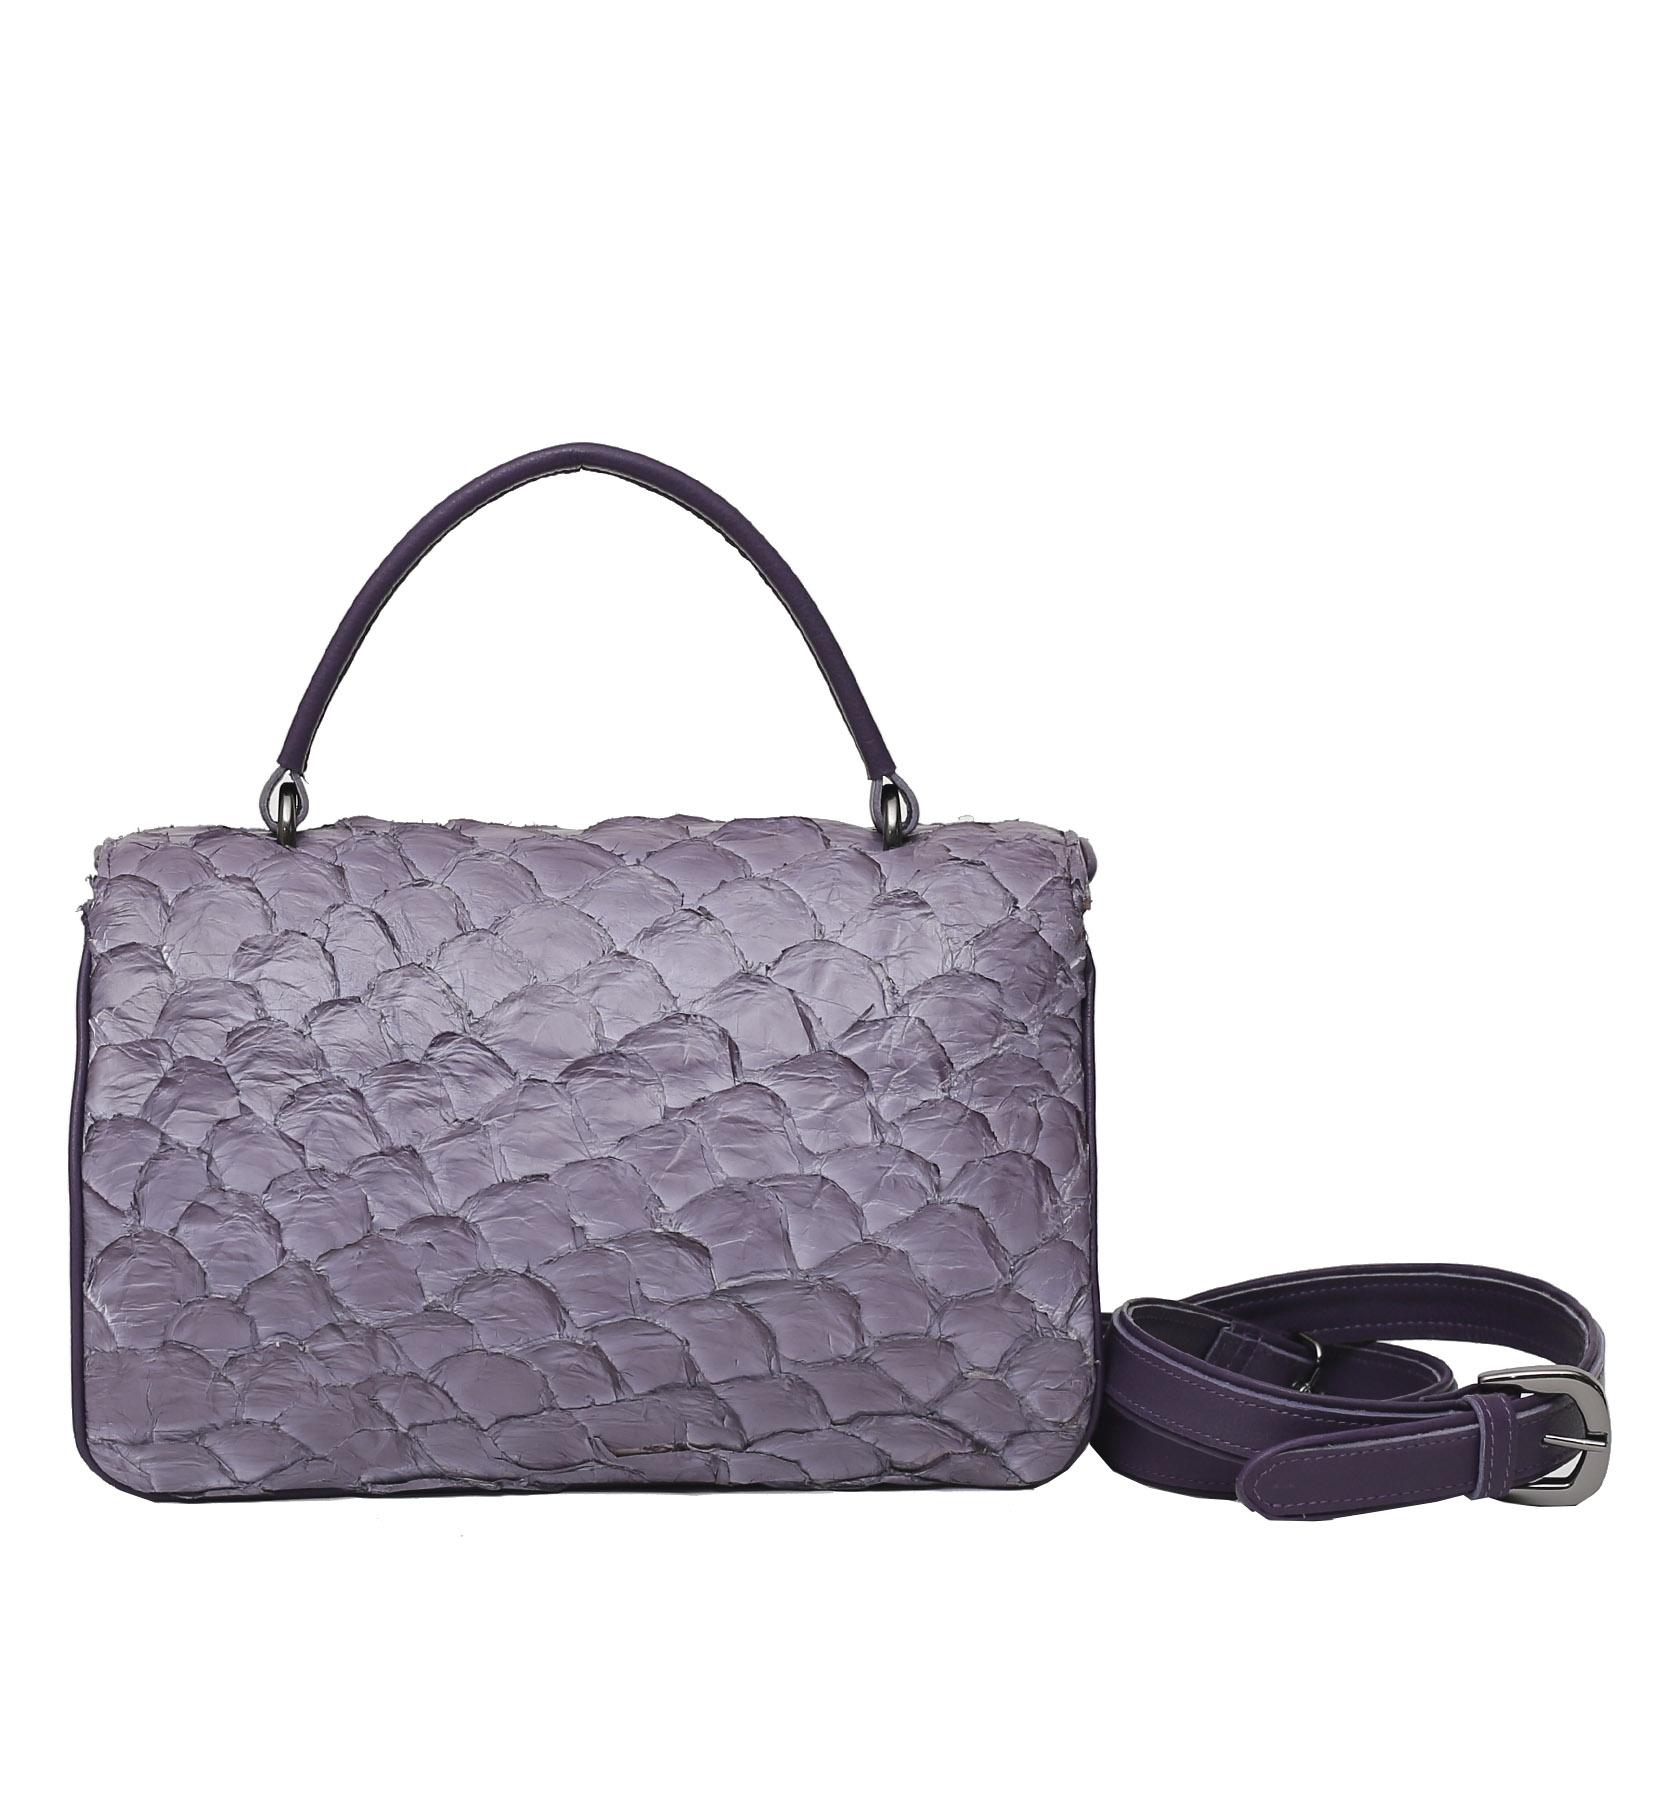 Bolsa Cleo lavanda